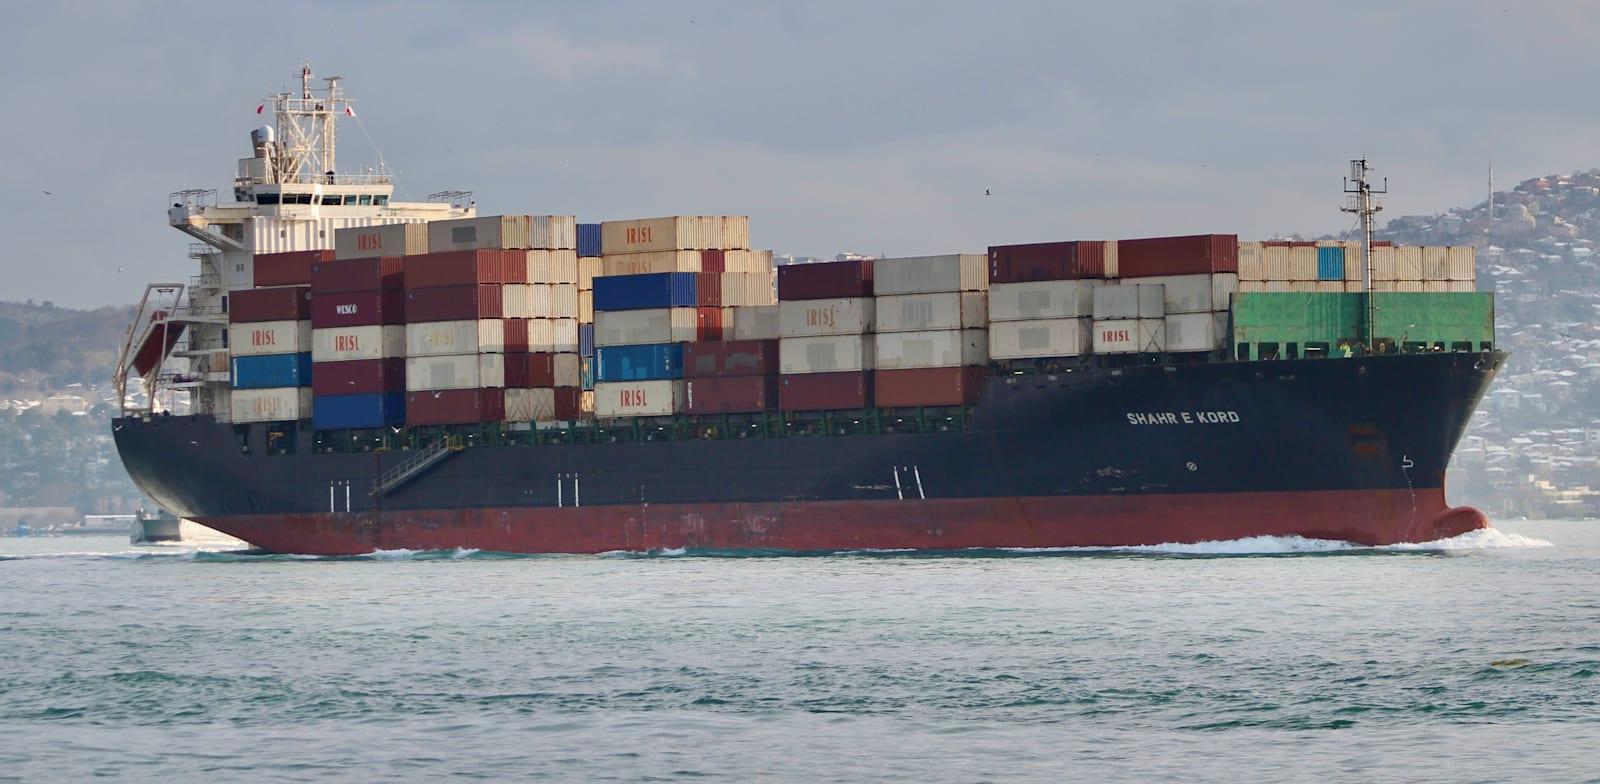 אוניית משא איראנית בדרכה לים התיכון בפברואר 2020 / צילום: Reuters, Yoruk Isik